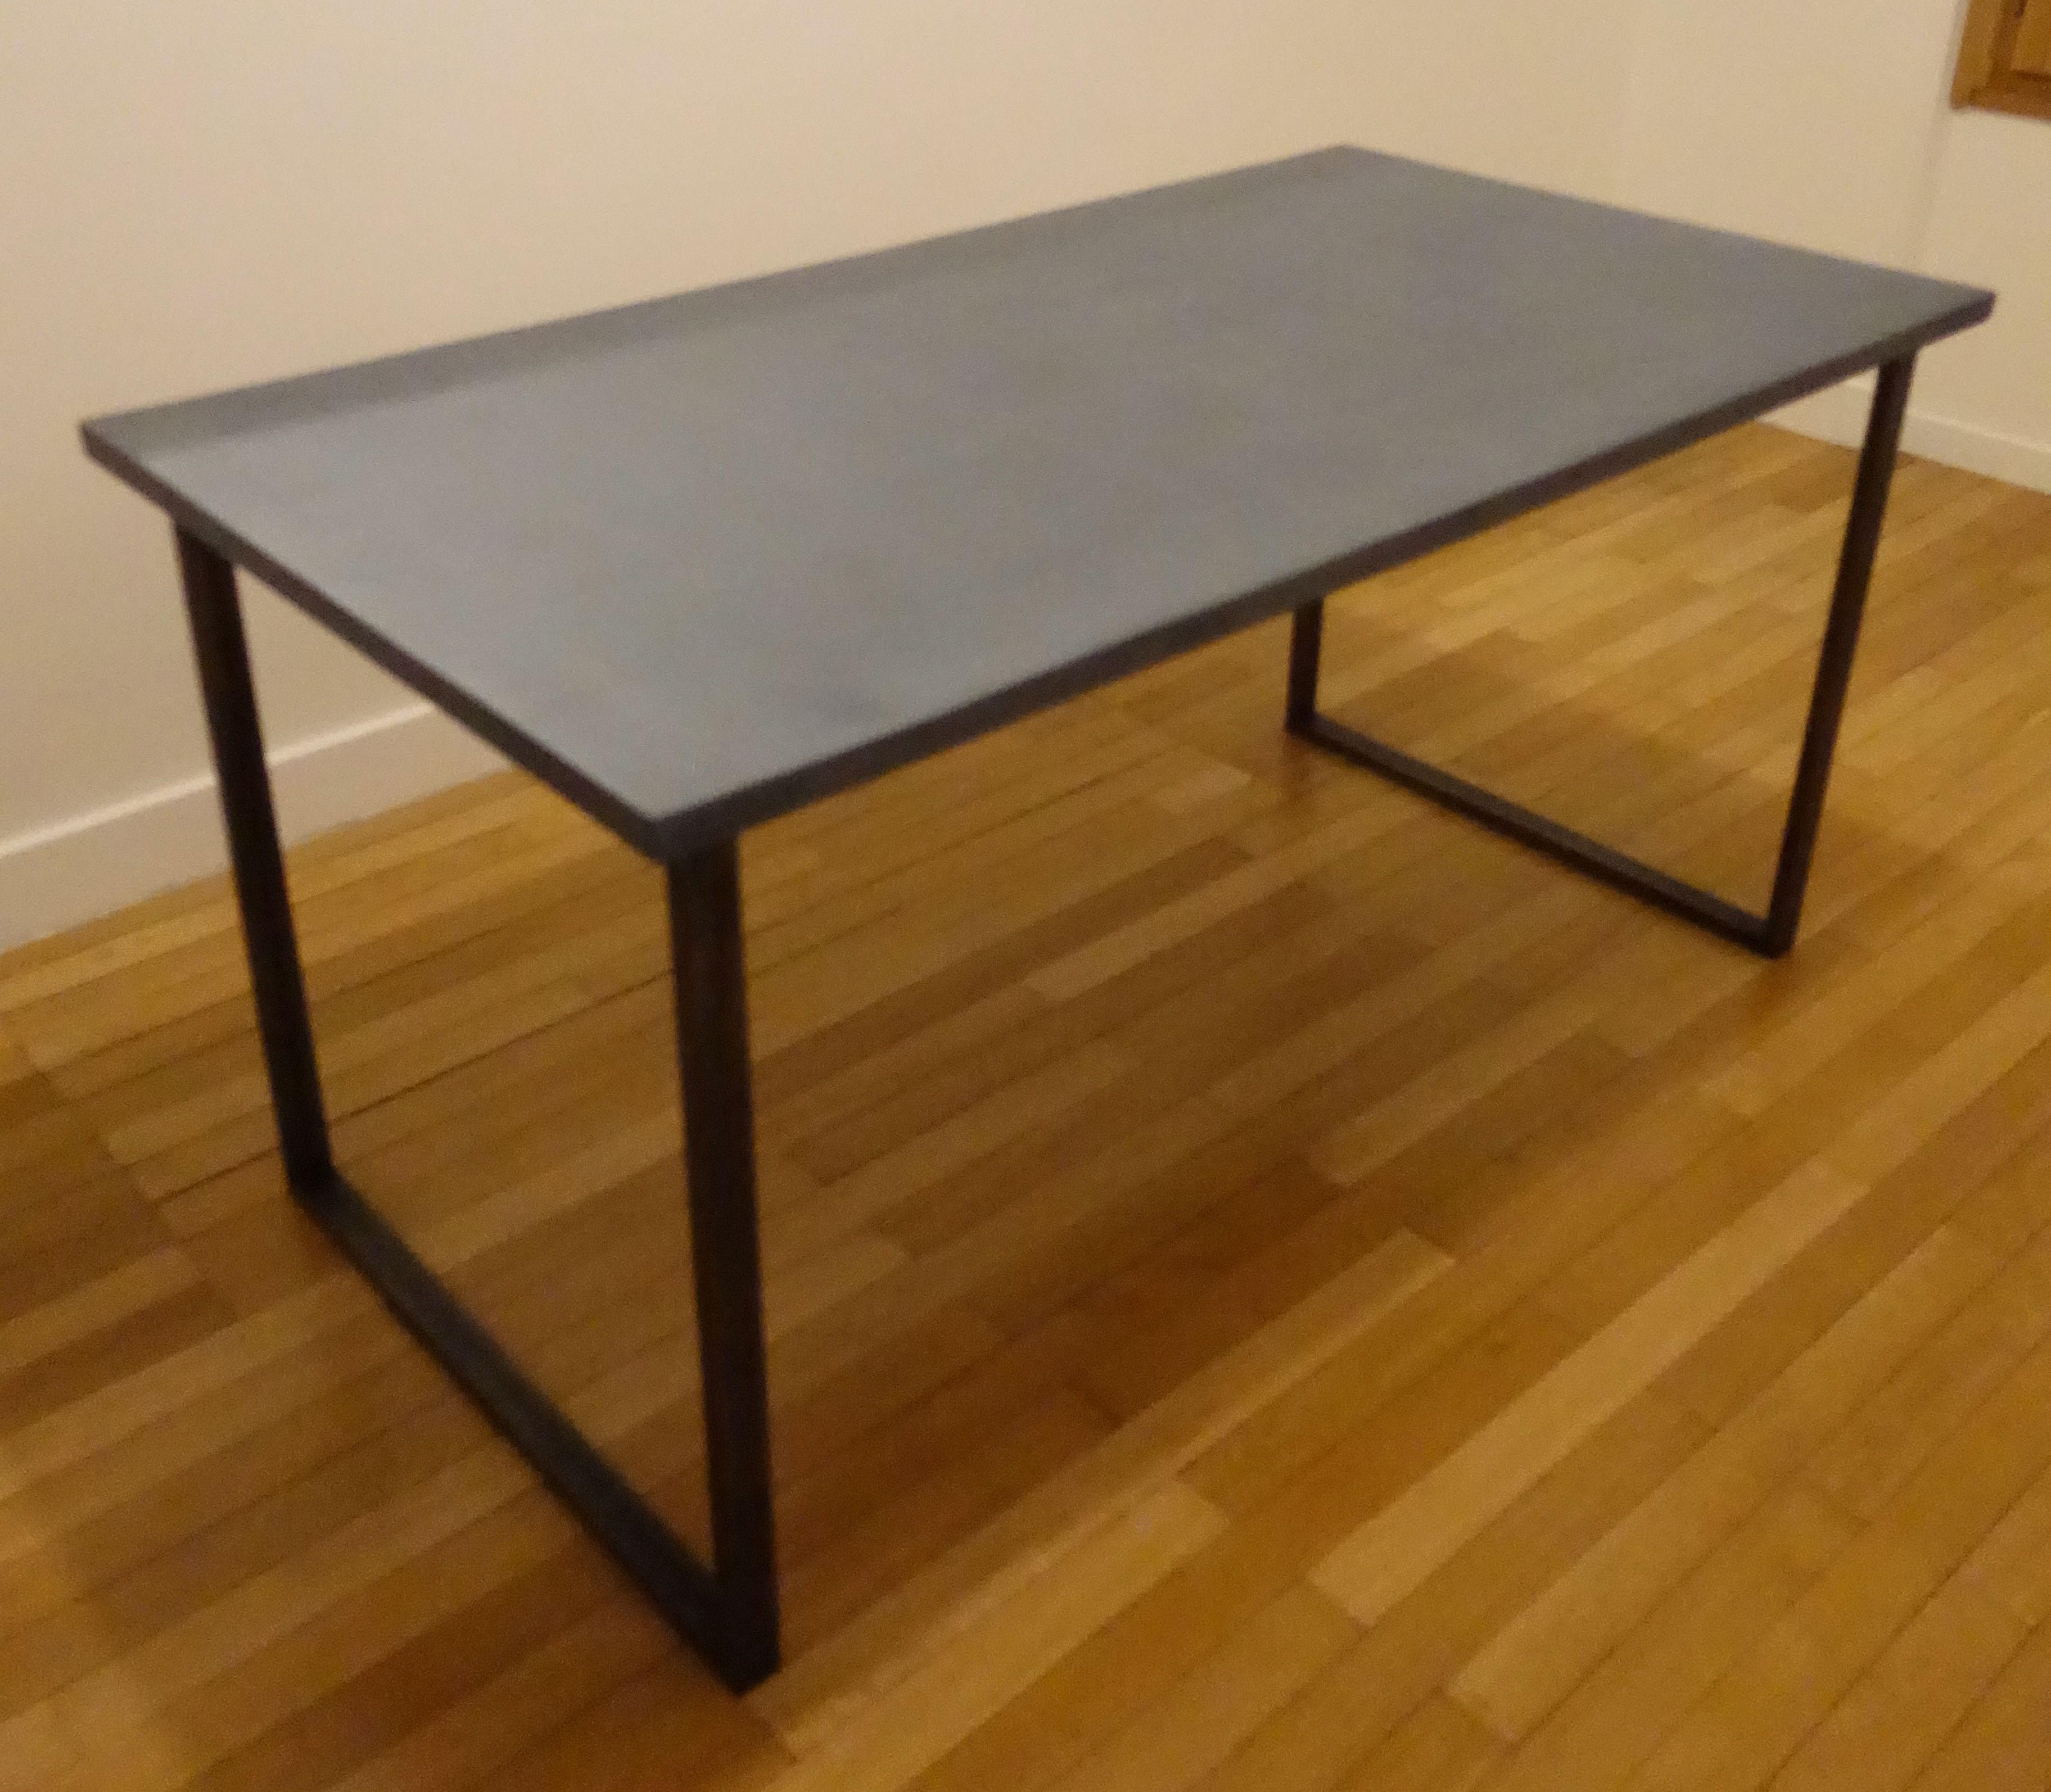 Table sur mesure en b ton meubles industriel anna - Table design sur mesure ...